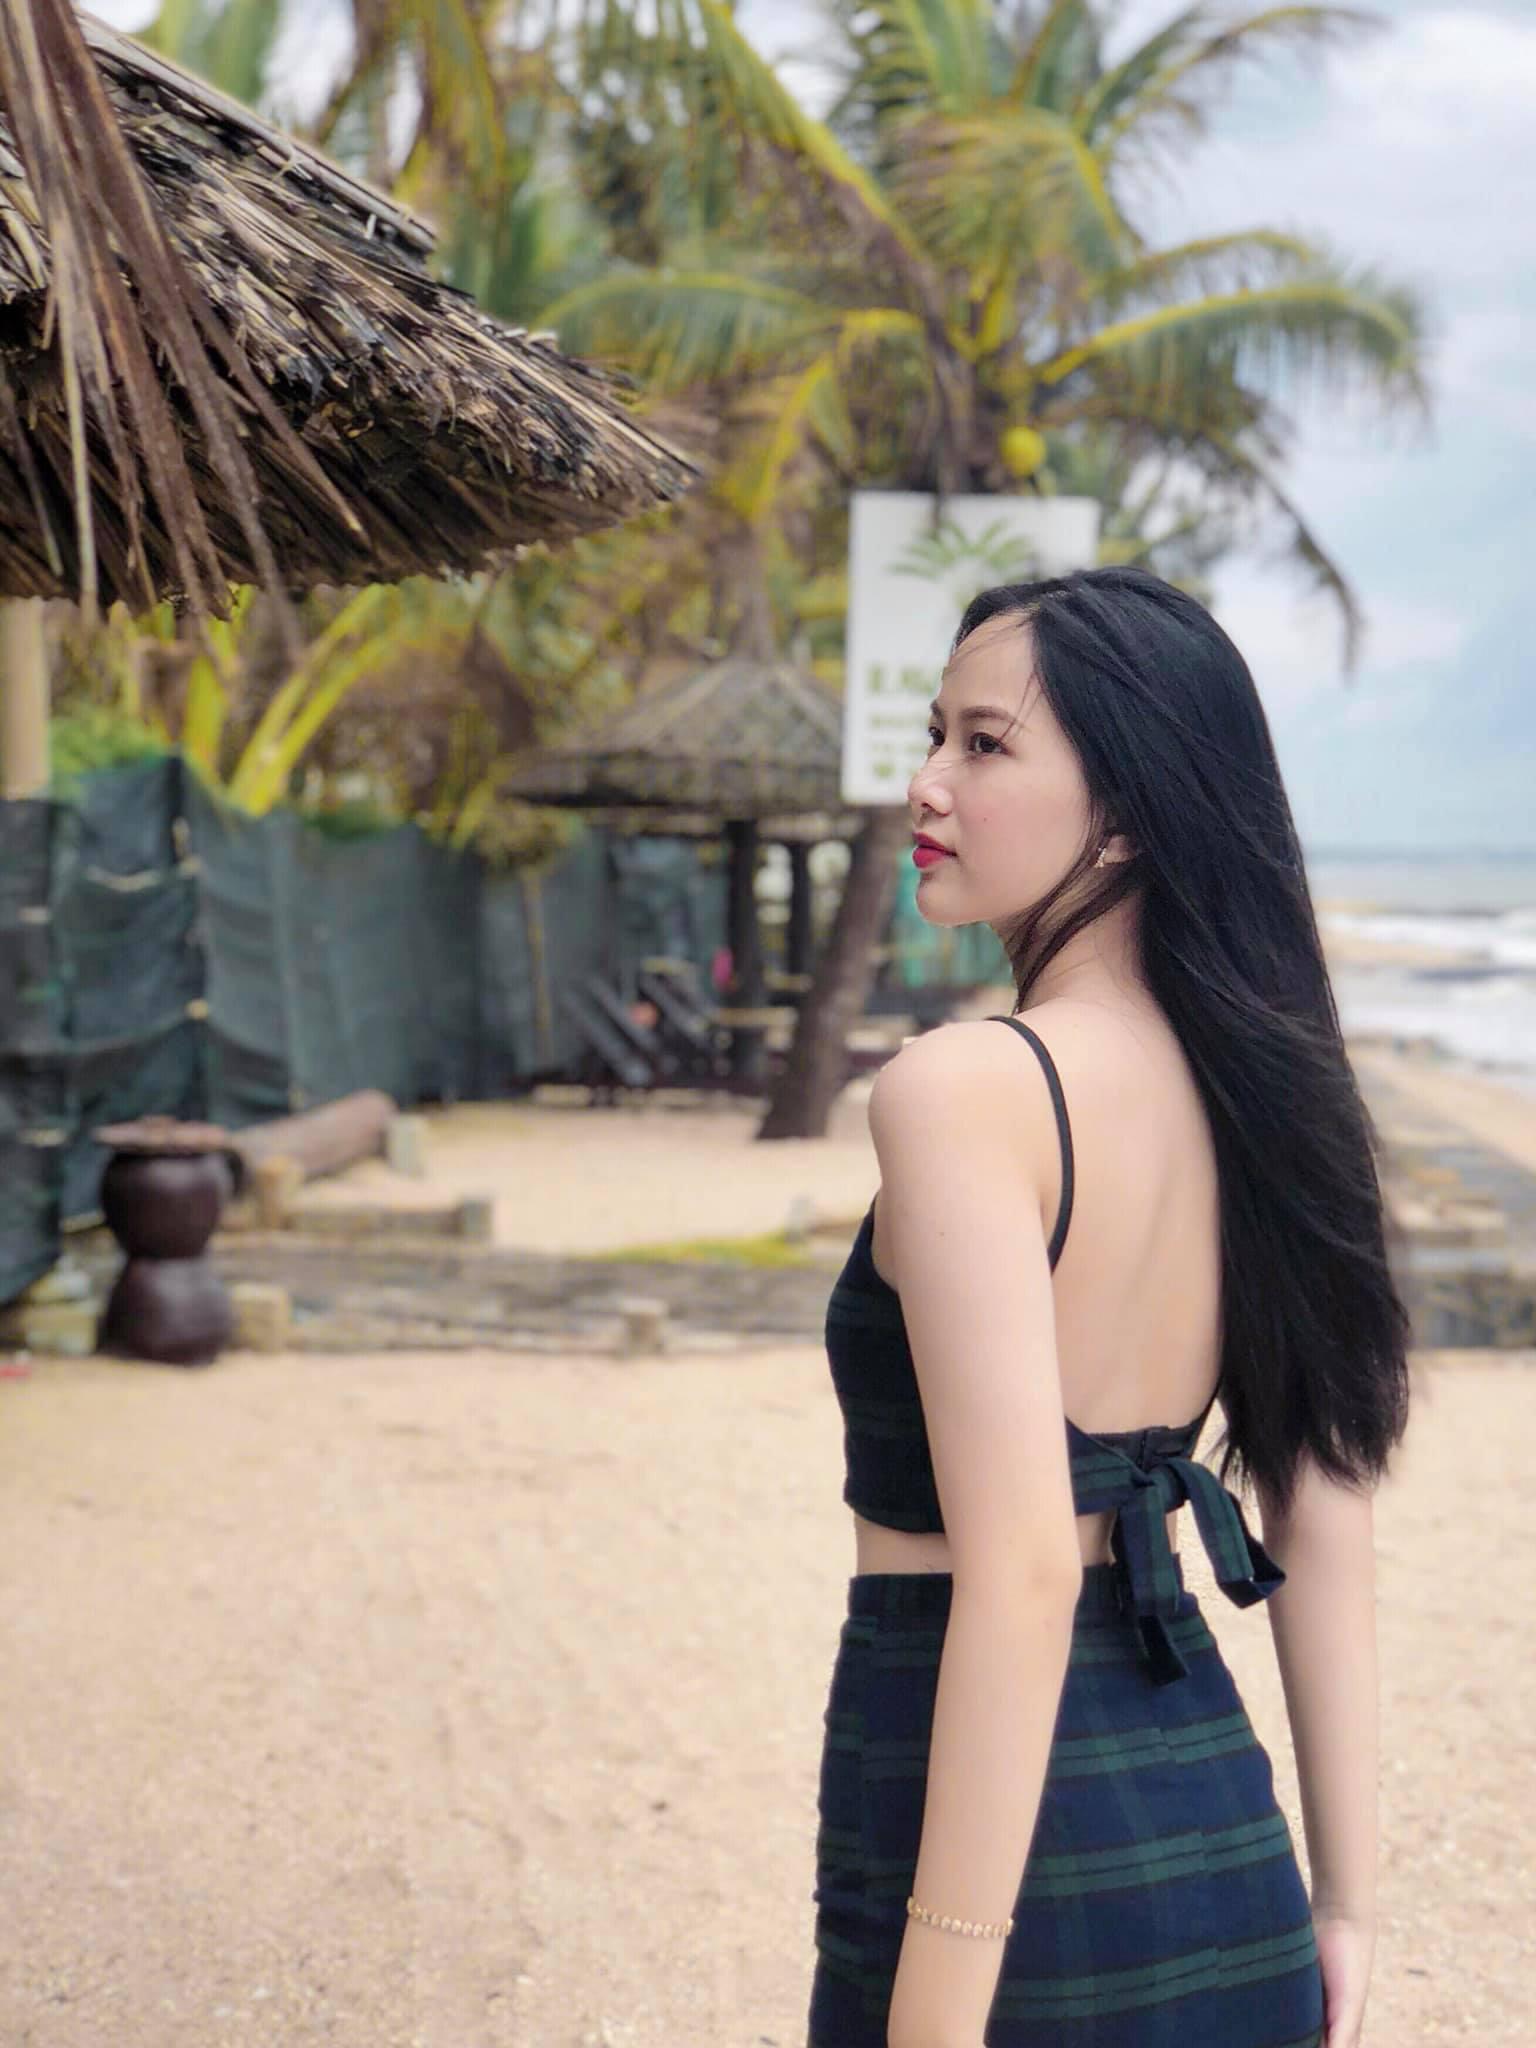 """Nữ sinh 10X đẹp chuẩn """"thần tiên tỷ tỷ"""" thi Hoa hậu Việt Nam 2020 hiếm hoi mặc bikini quyến rũ - Ảnh 9."""